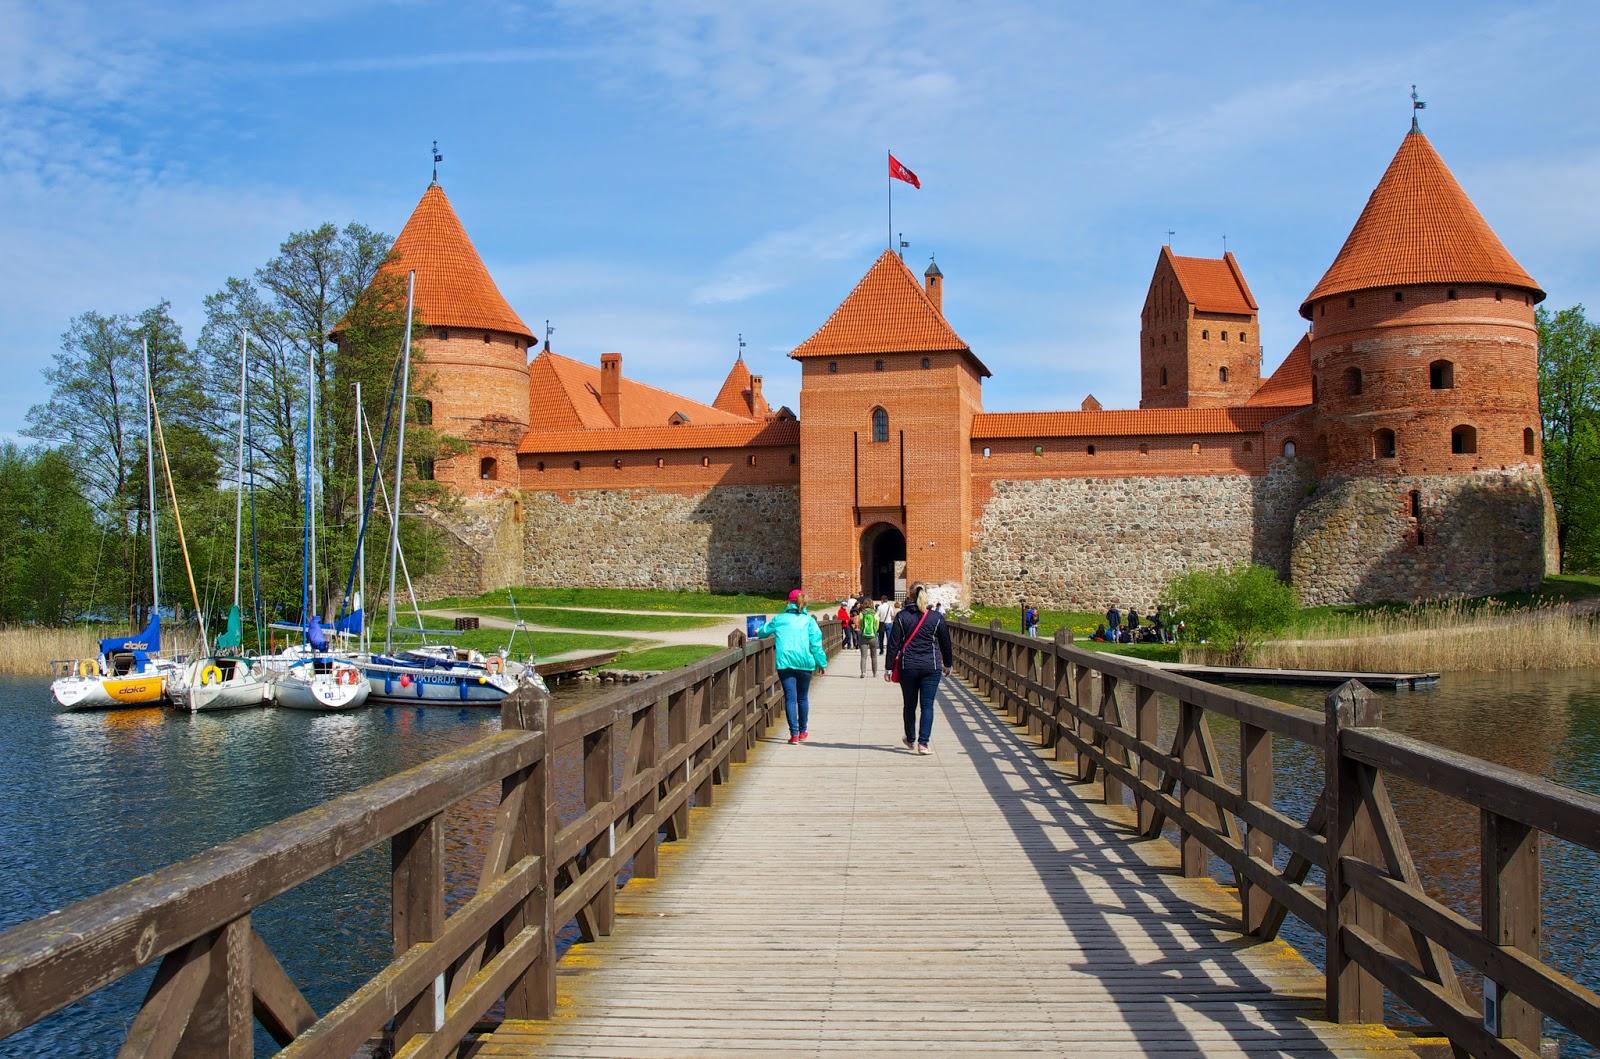 Средневековый замок в Литве. Тракайский замок